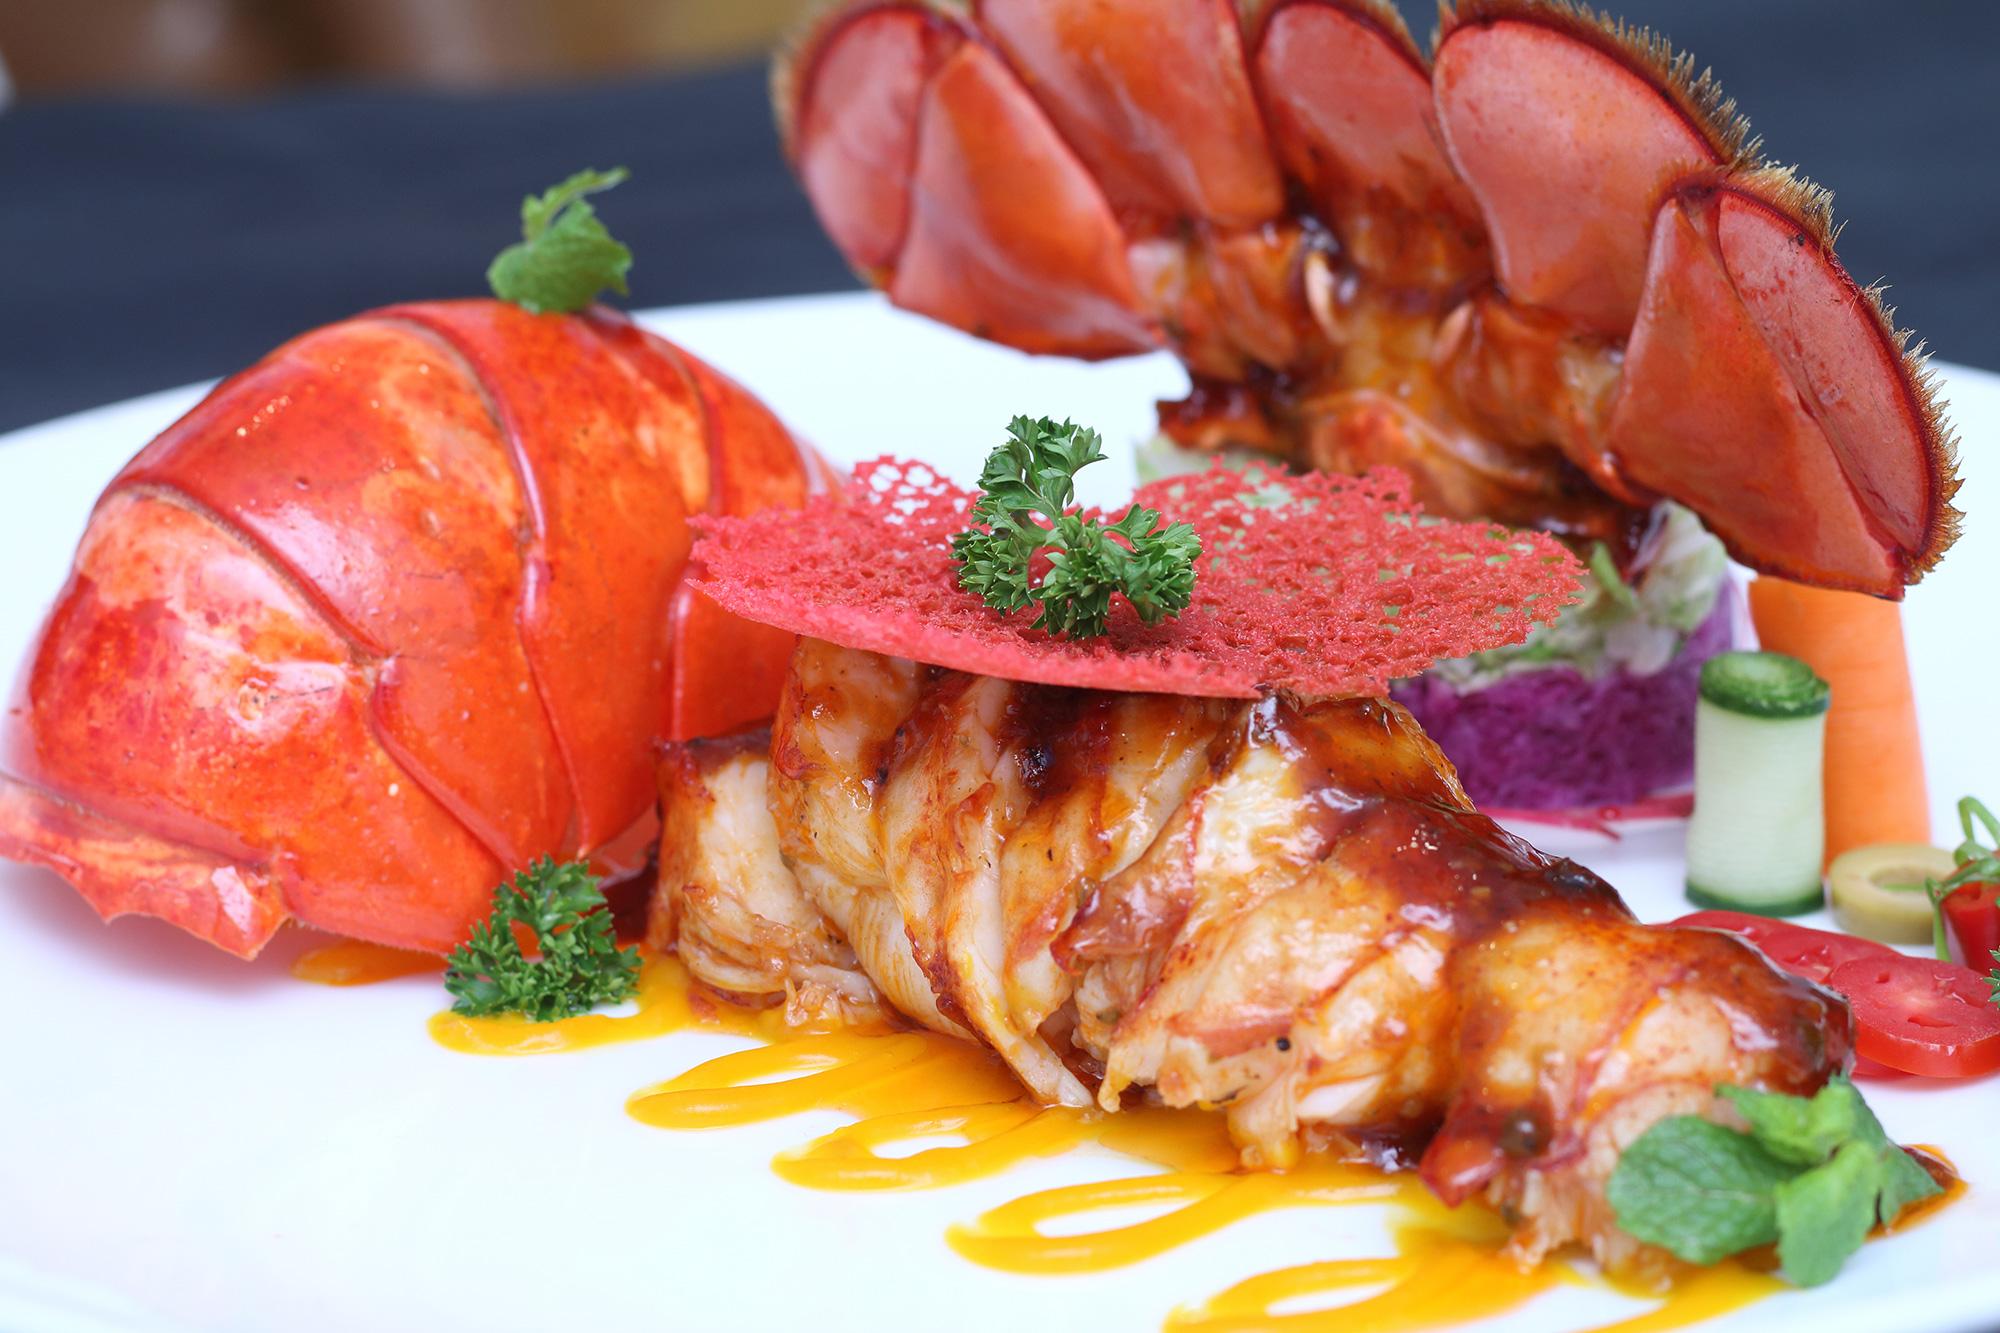 Kết quả hình ảnh cho hình các quán ăn hải sản ngon